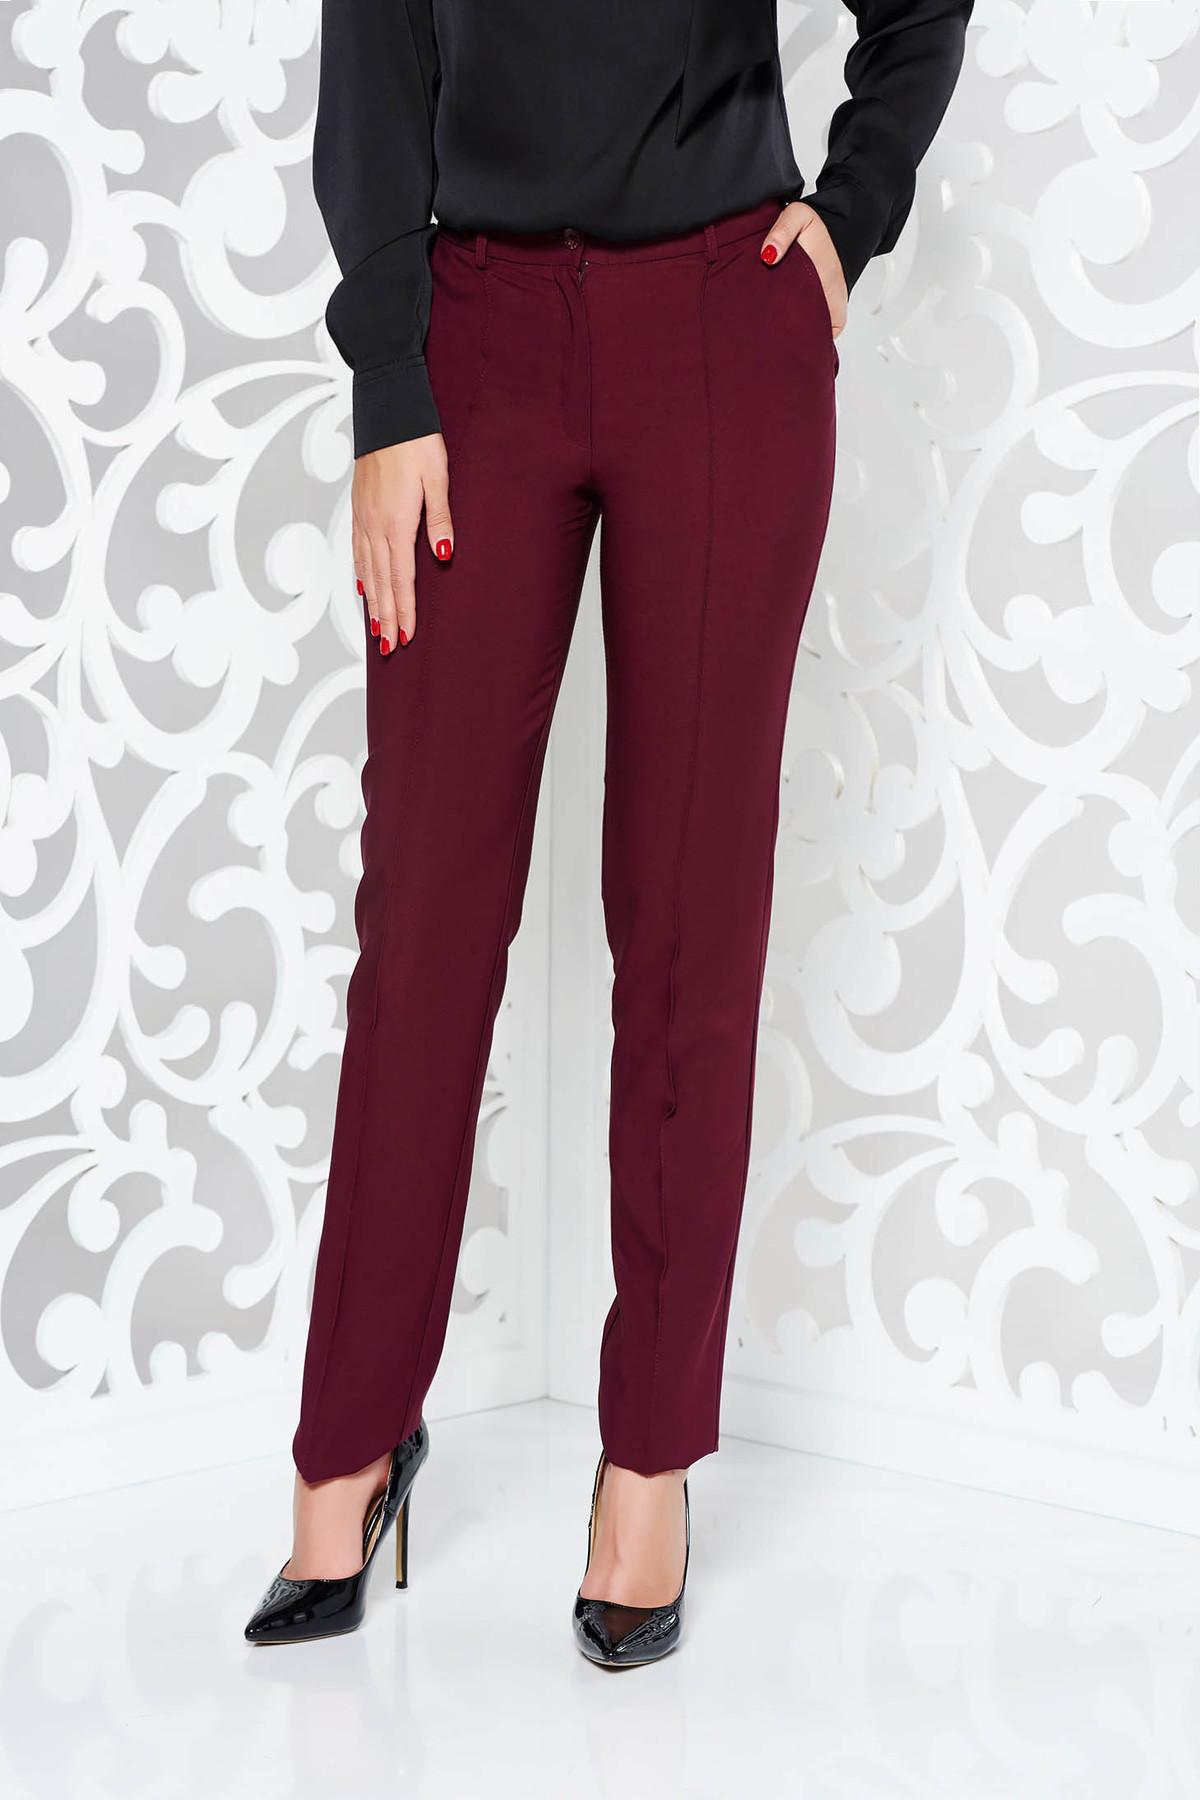 Pantaloni LaDonna visinii office conici din stofa usor elastica cu talie medie si buzunare